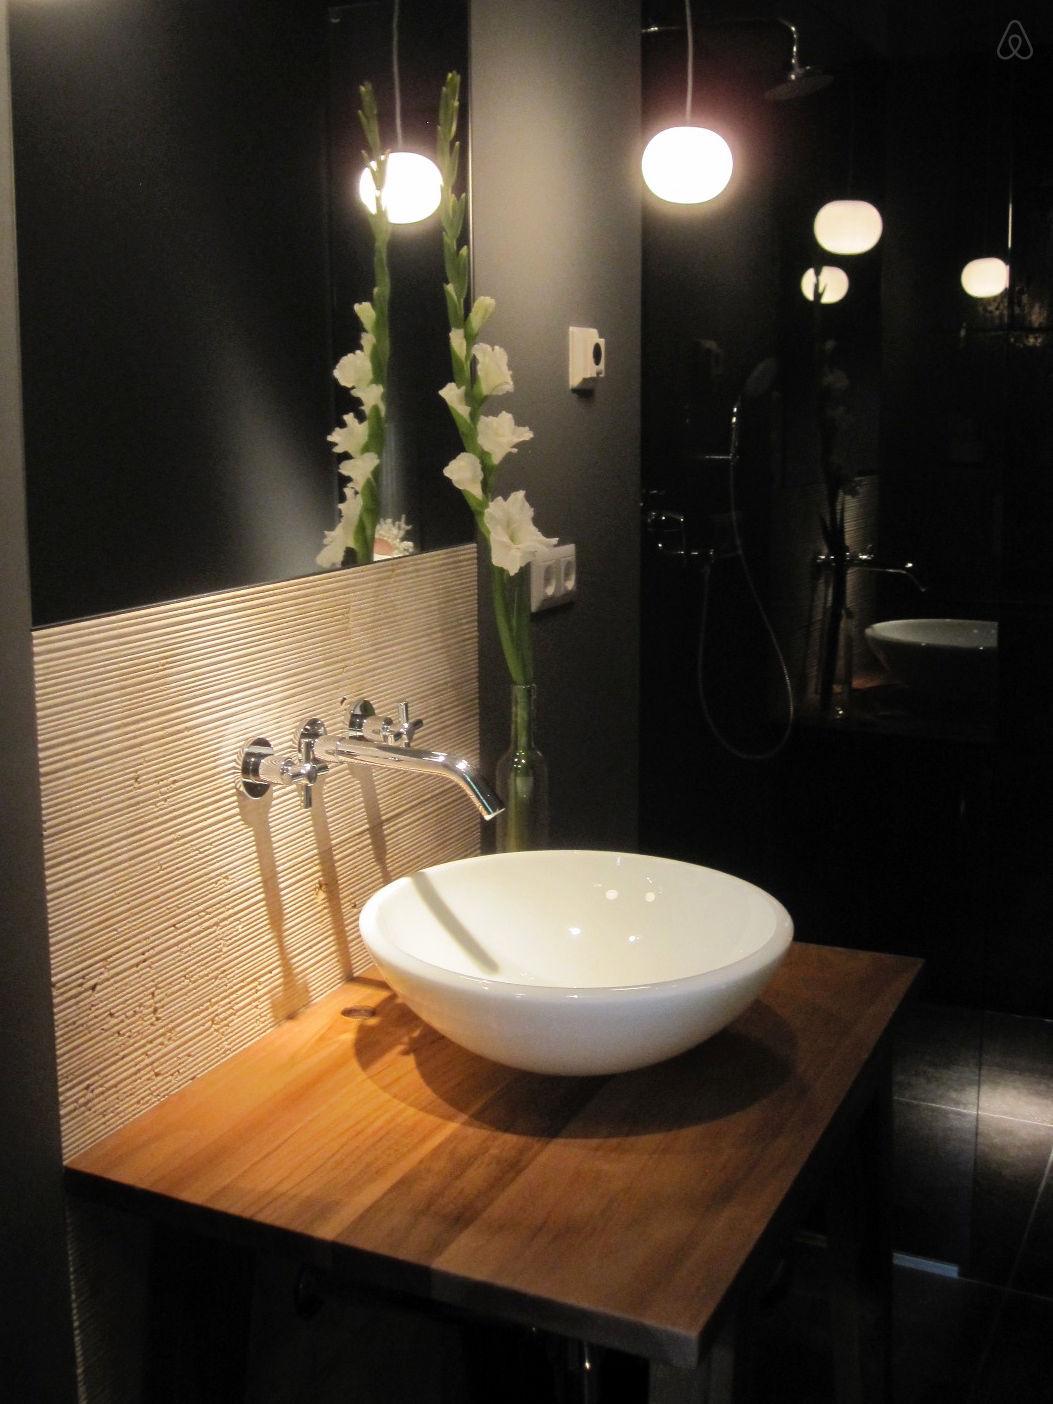 Salle de bain moderne avec une vasque bol blanche